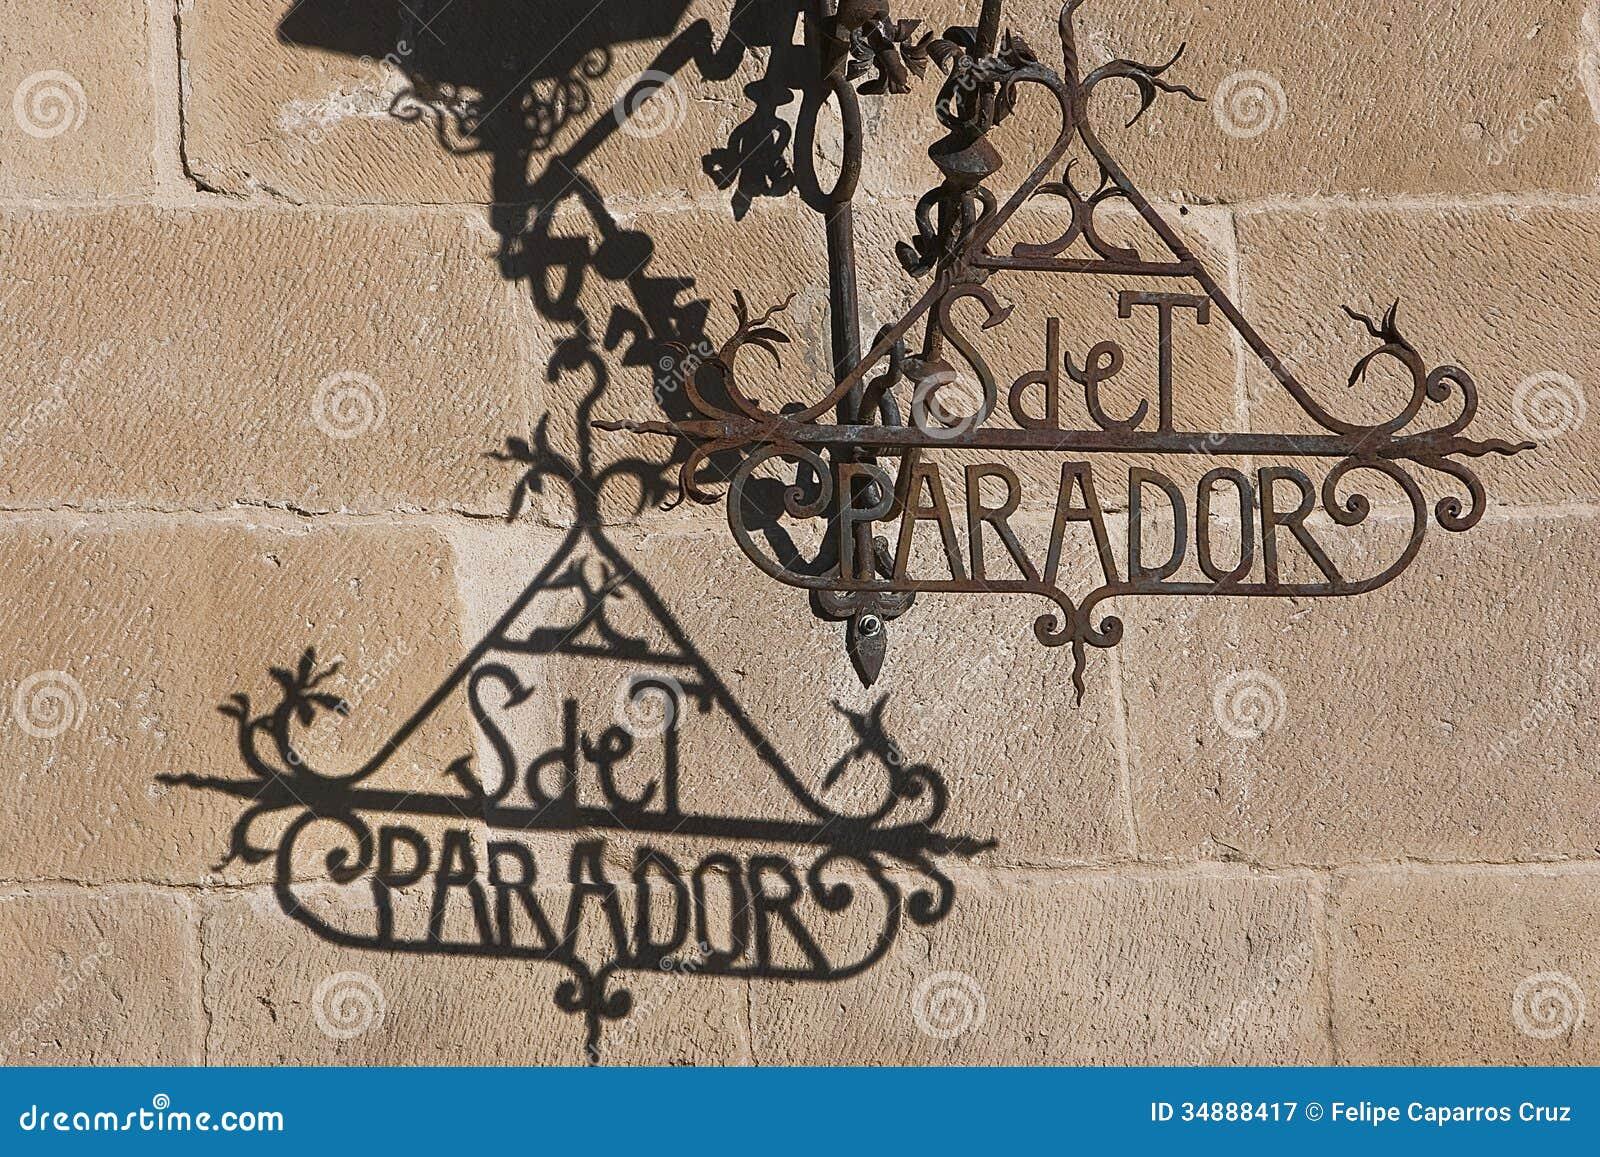 Letras en hierro perfect letras de hierro forjado ernst ludwig memorial jugendstil alemn del Letras de hierro